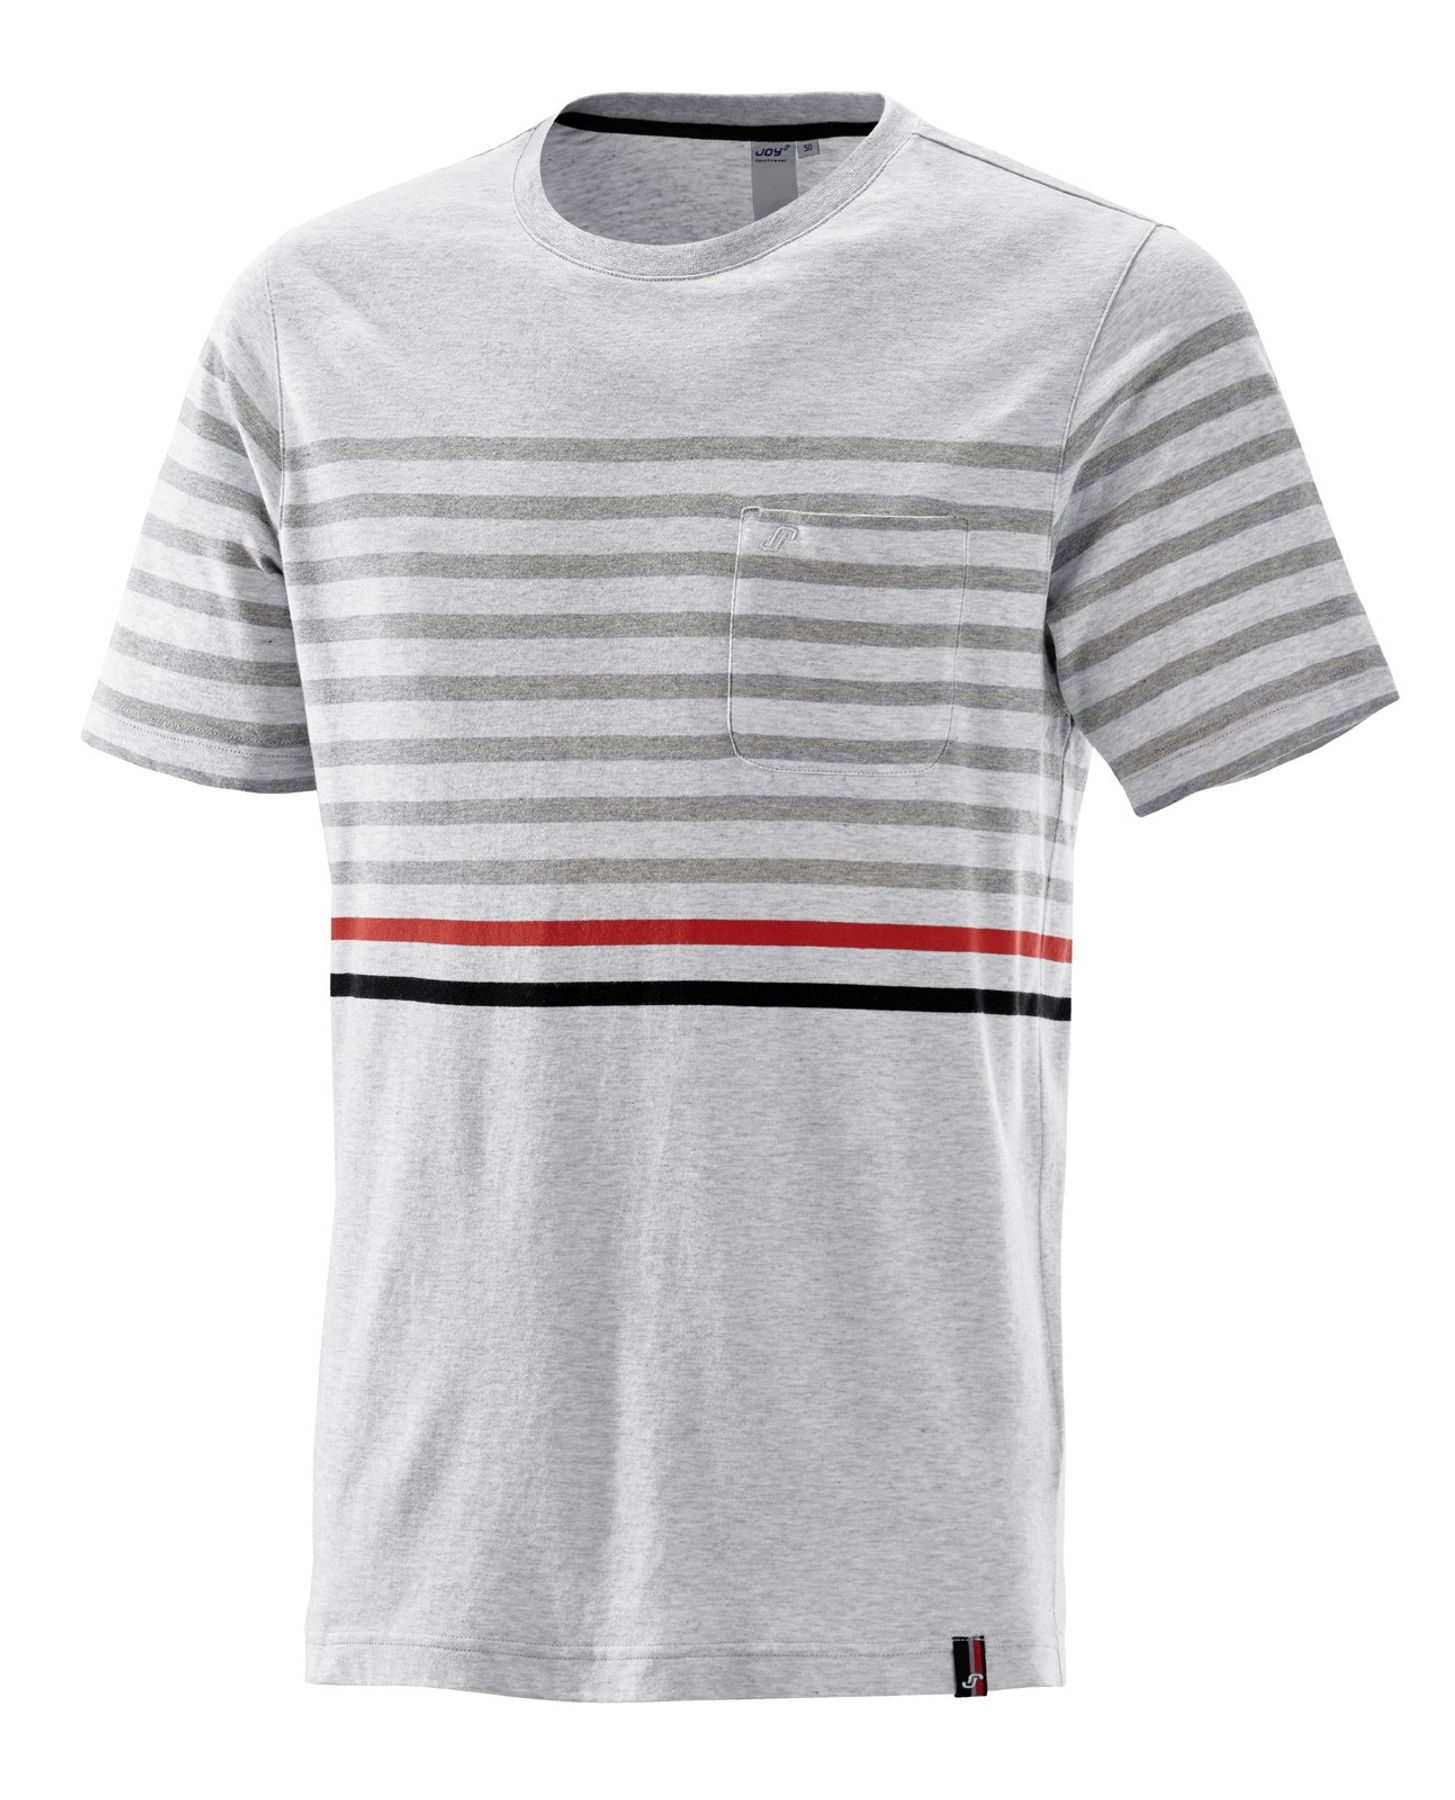 Joy - Herren Sport und Freizeit Shirt mit platziertem Streifen-Design, Valentino (40190A)